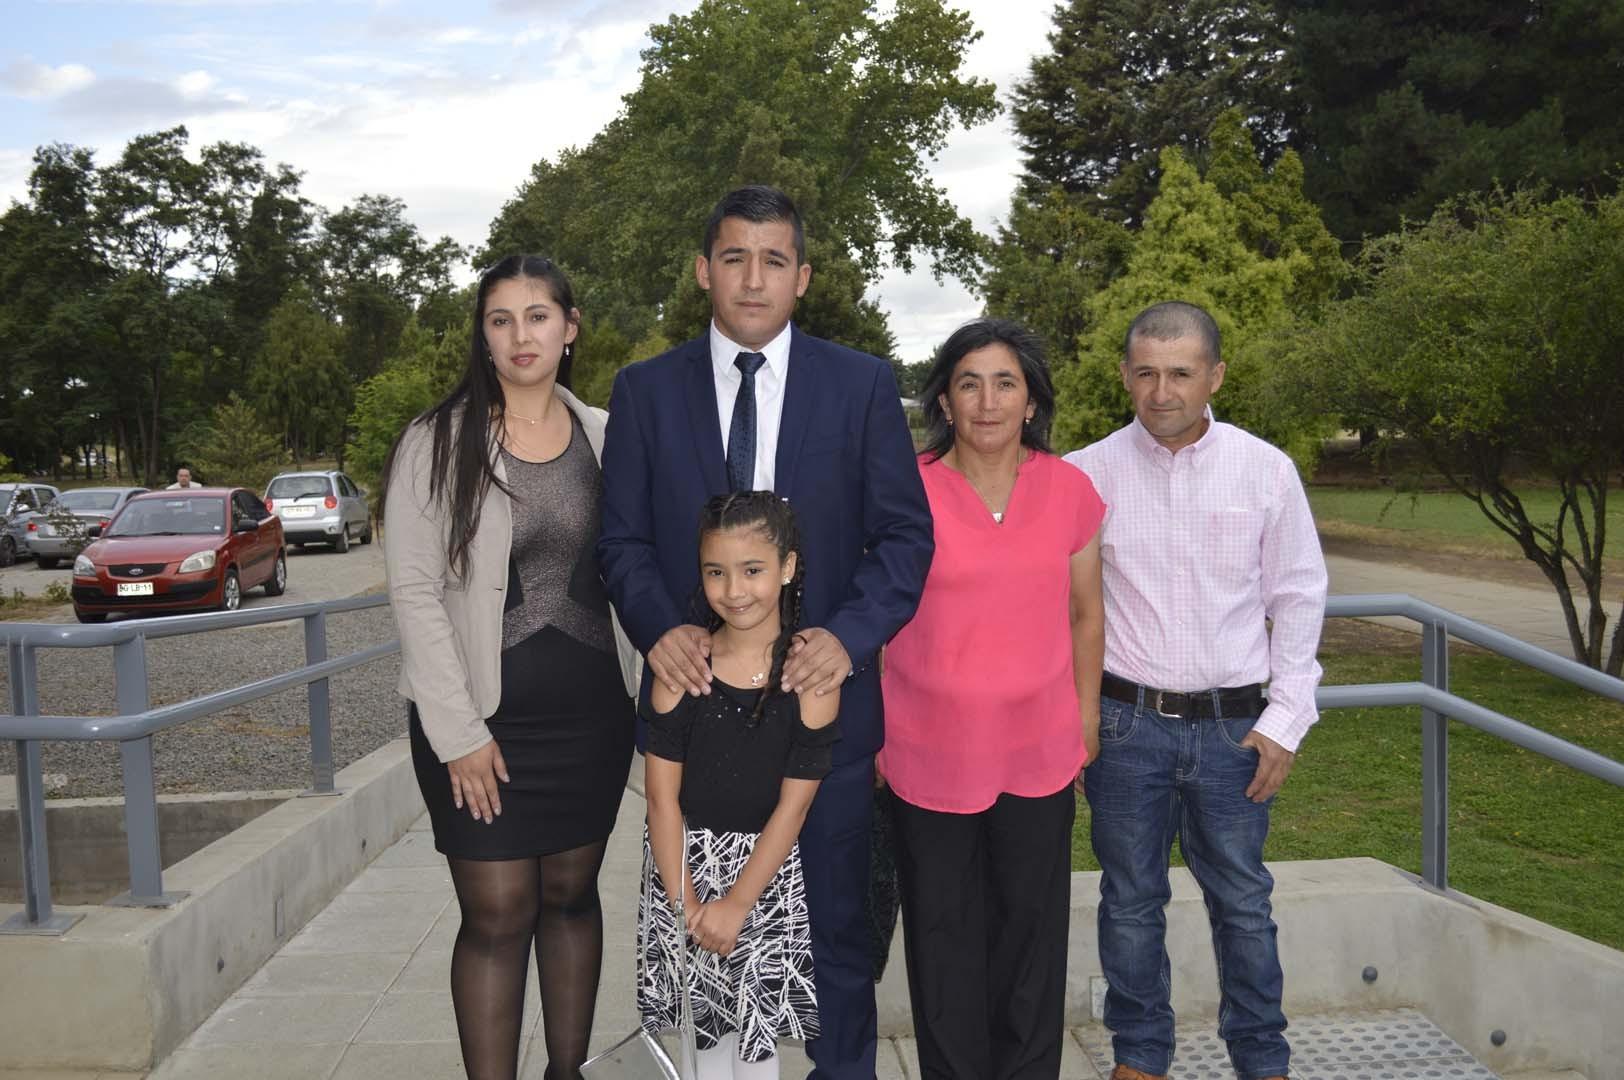 Maritza Jiménez, Cristian Ponce, Gladys Sandoval, Luis Ponce y la niña Pía Ponce